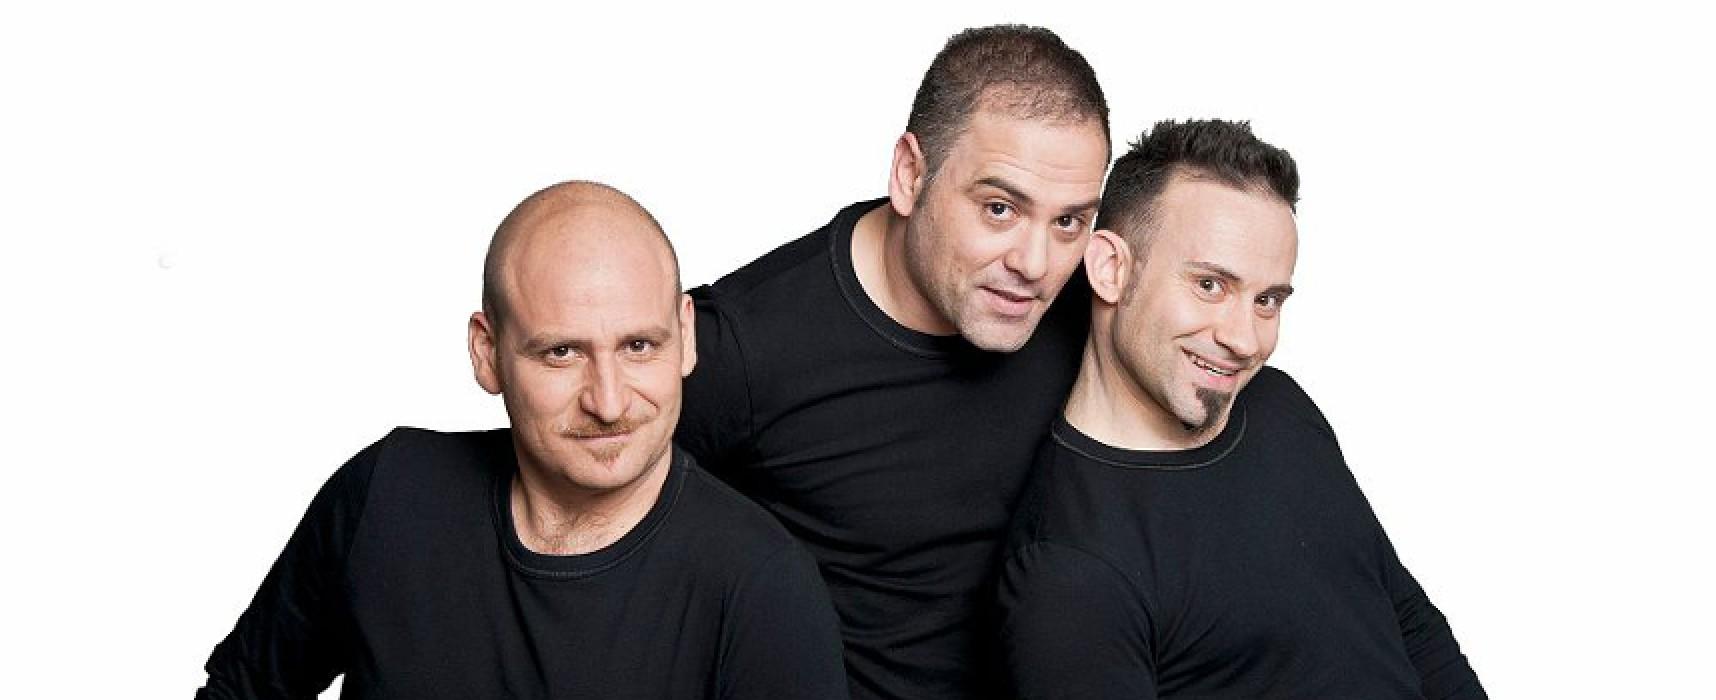 """Gli """"Scemifreddi"""", trio comico salentino, arrivano a Bisceglie e promettono risate e spensieratezza"""